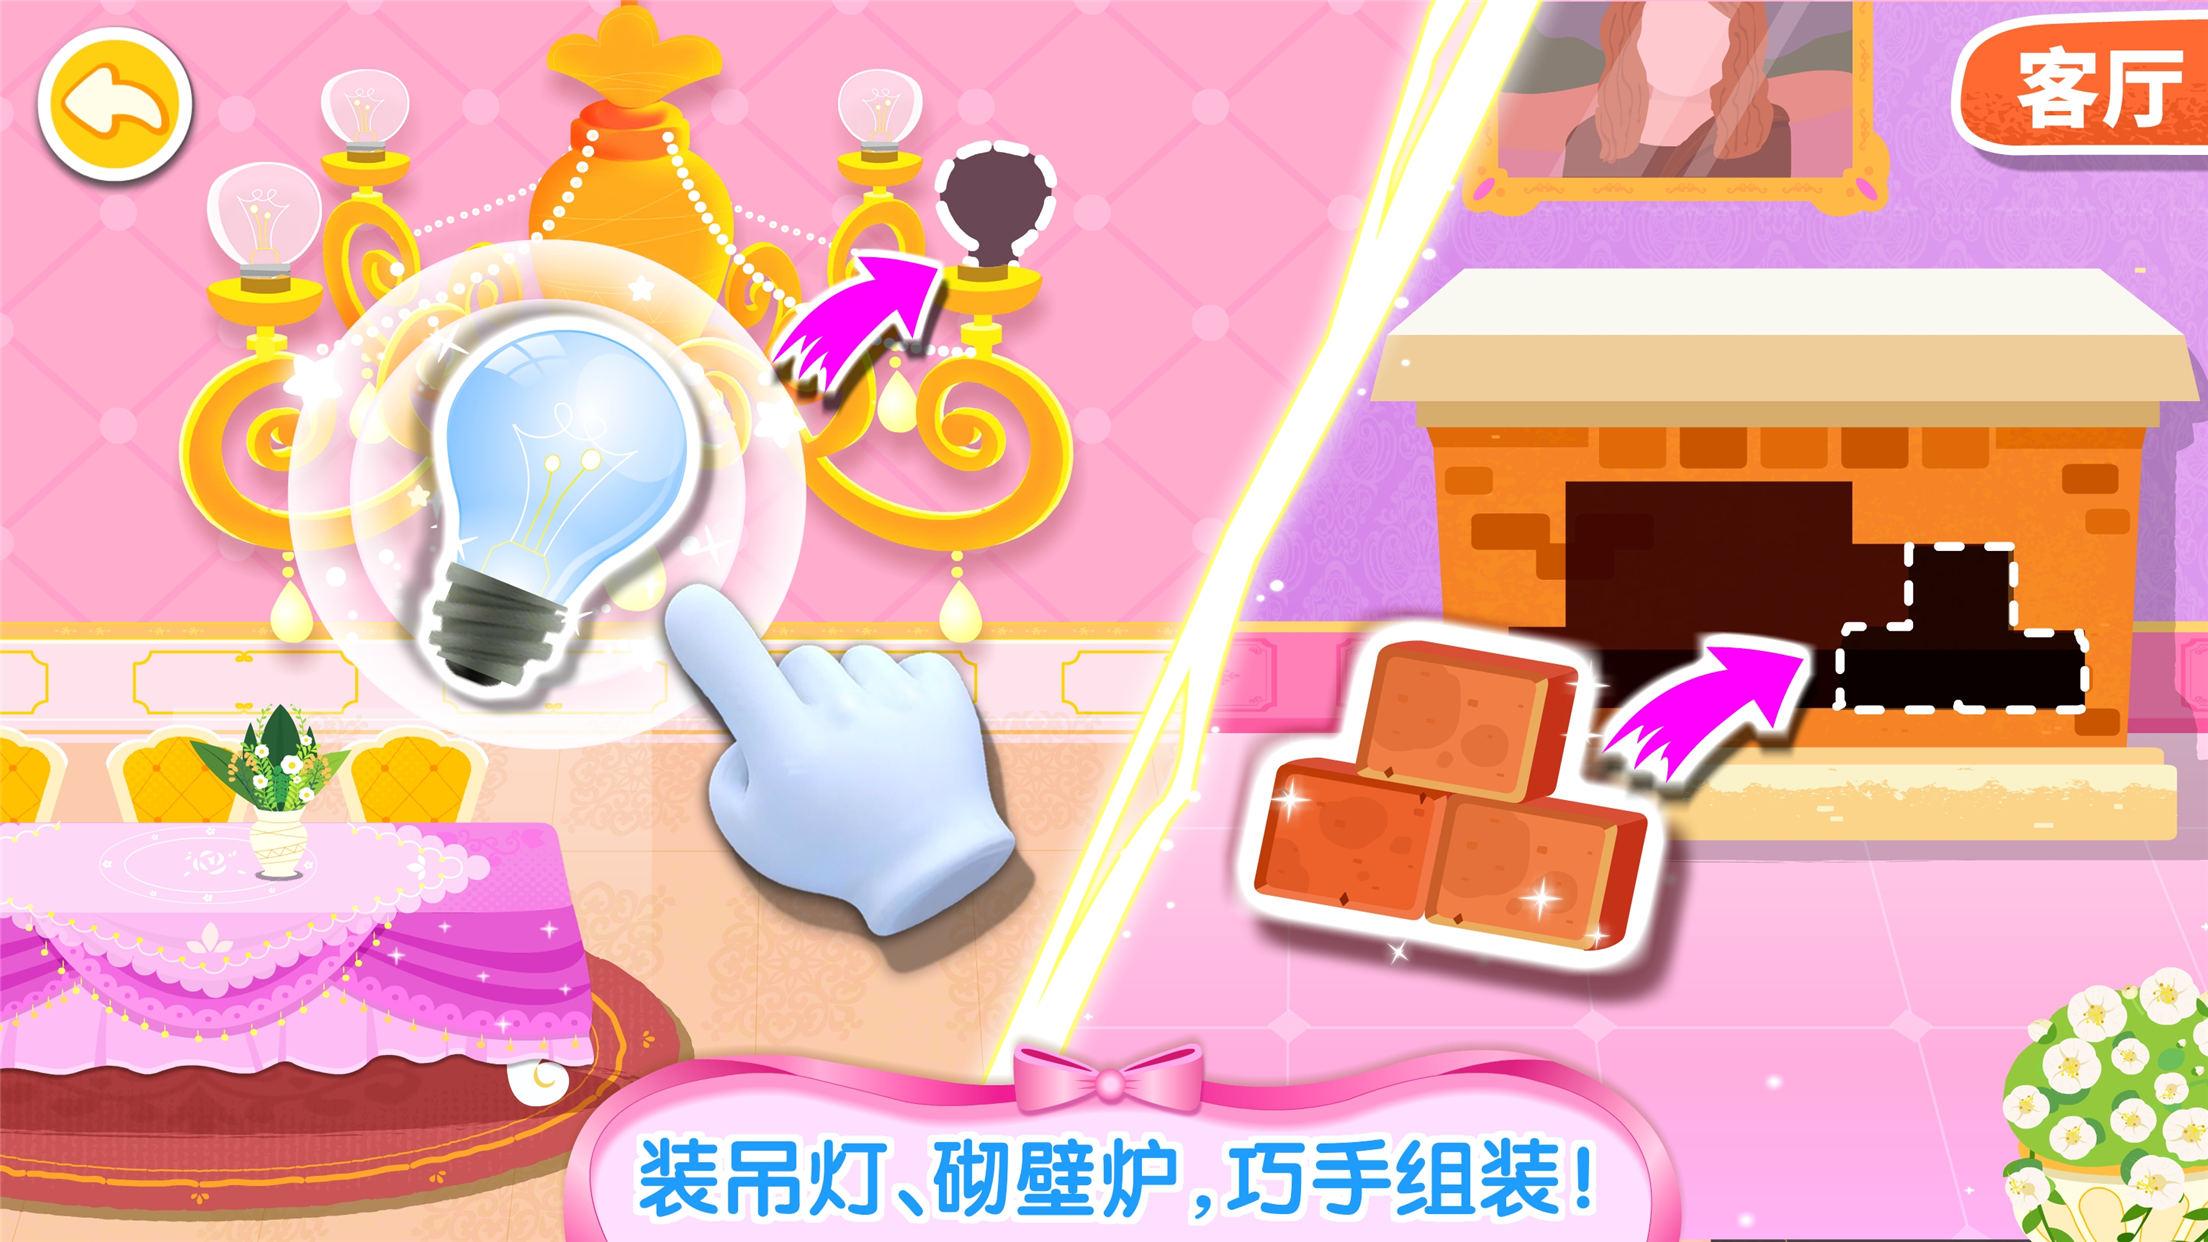 奇妙梦幻城堡游戏 V9.46.00.00 安卓版截图1